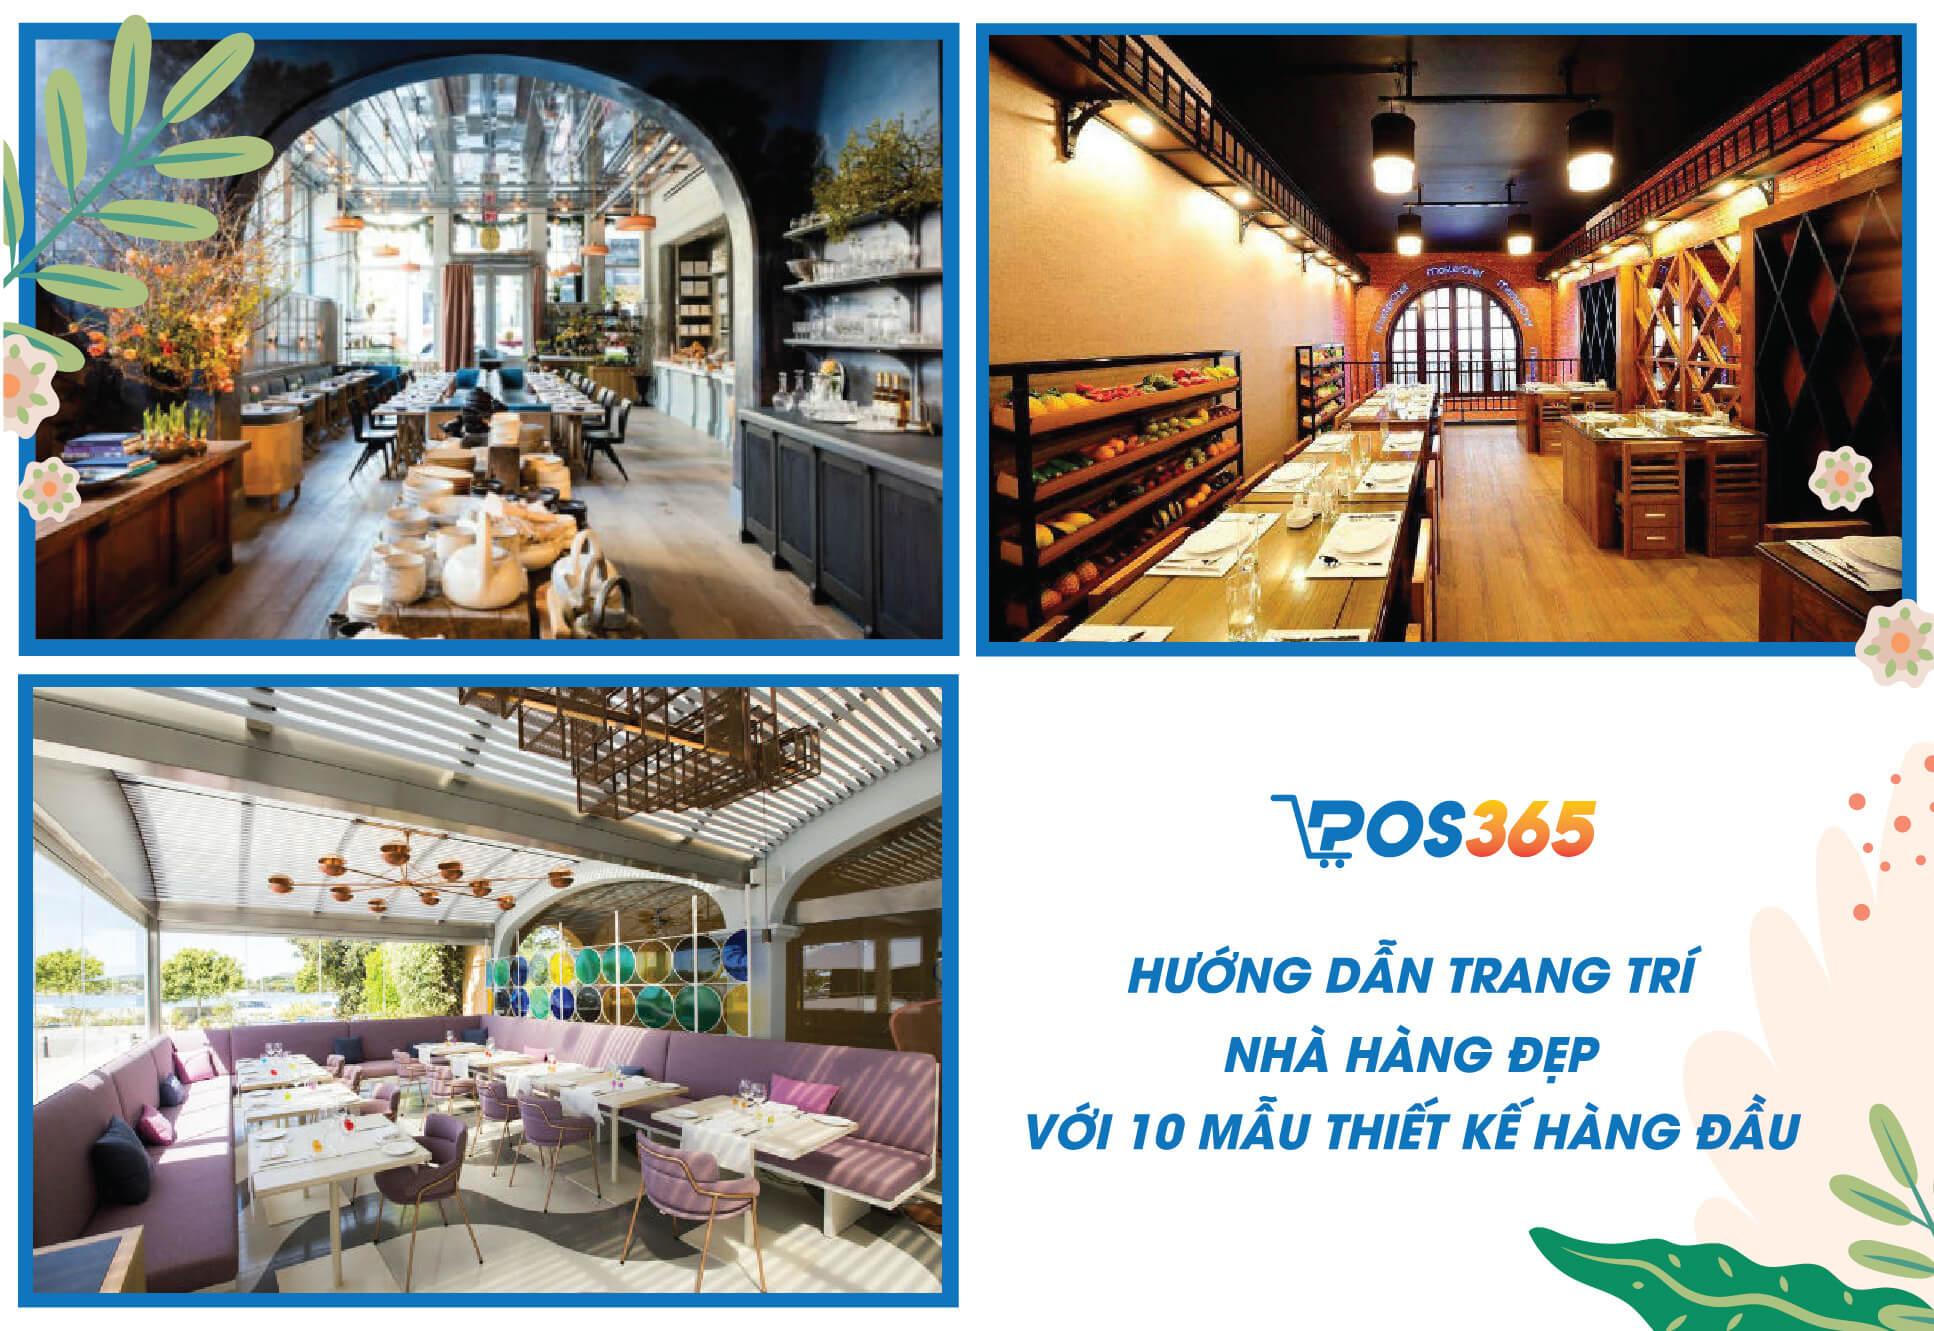 Hướng dẫn trang trí nhà hàng đẹp với 10 mẫu thiết kế hàng đầu